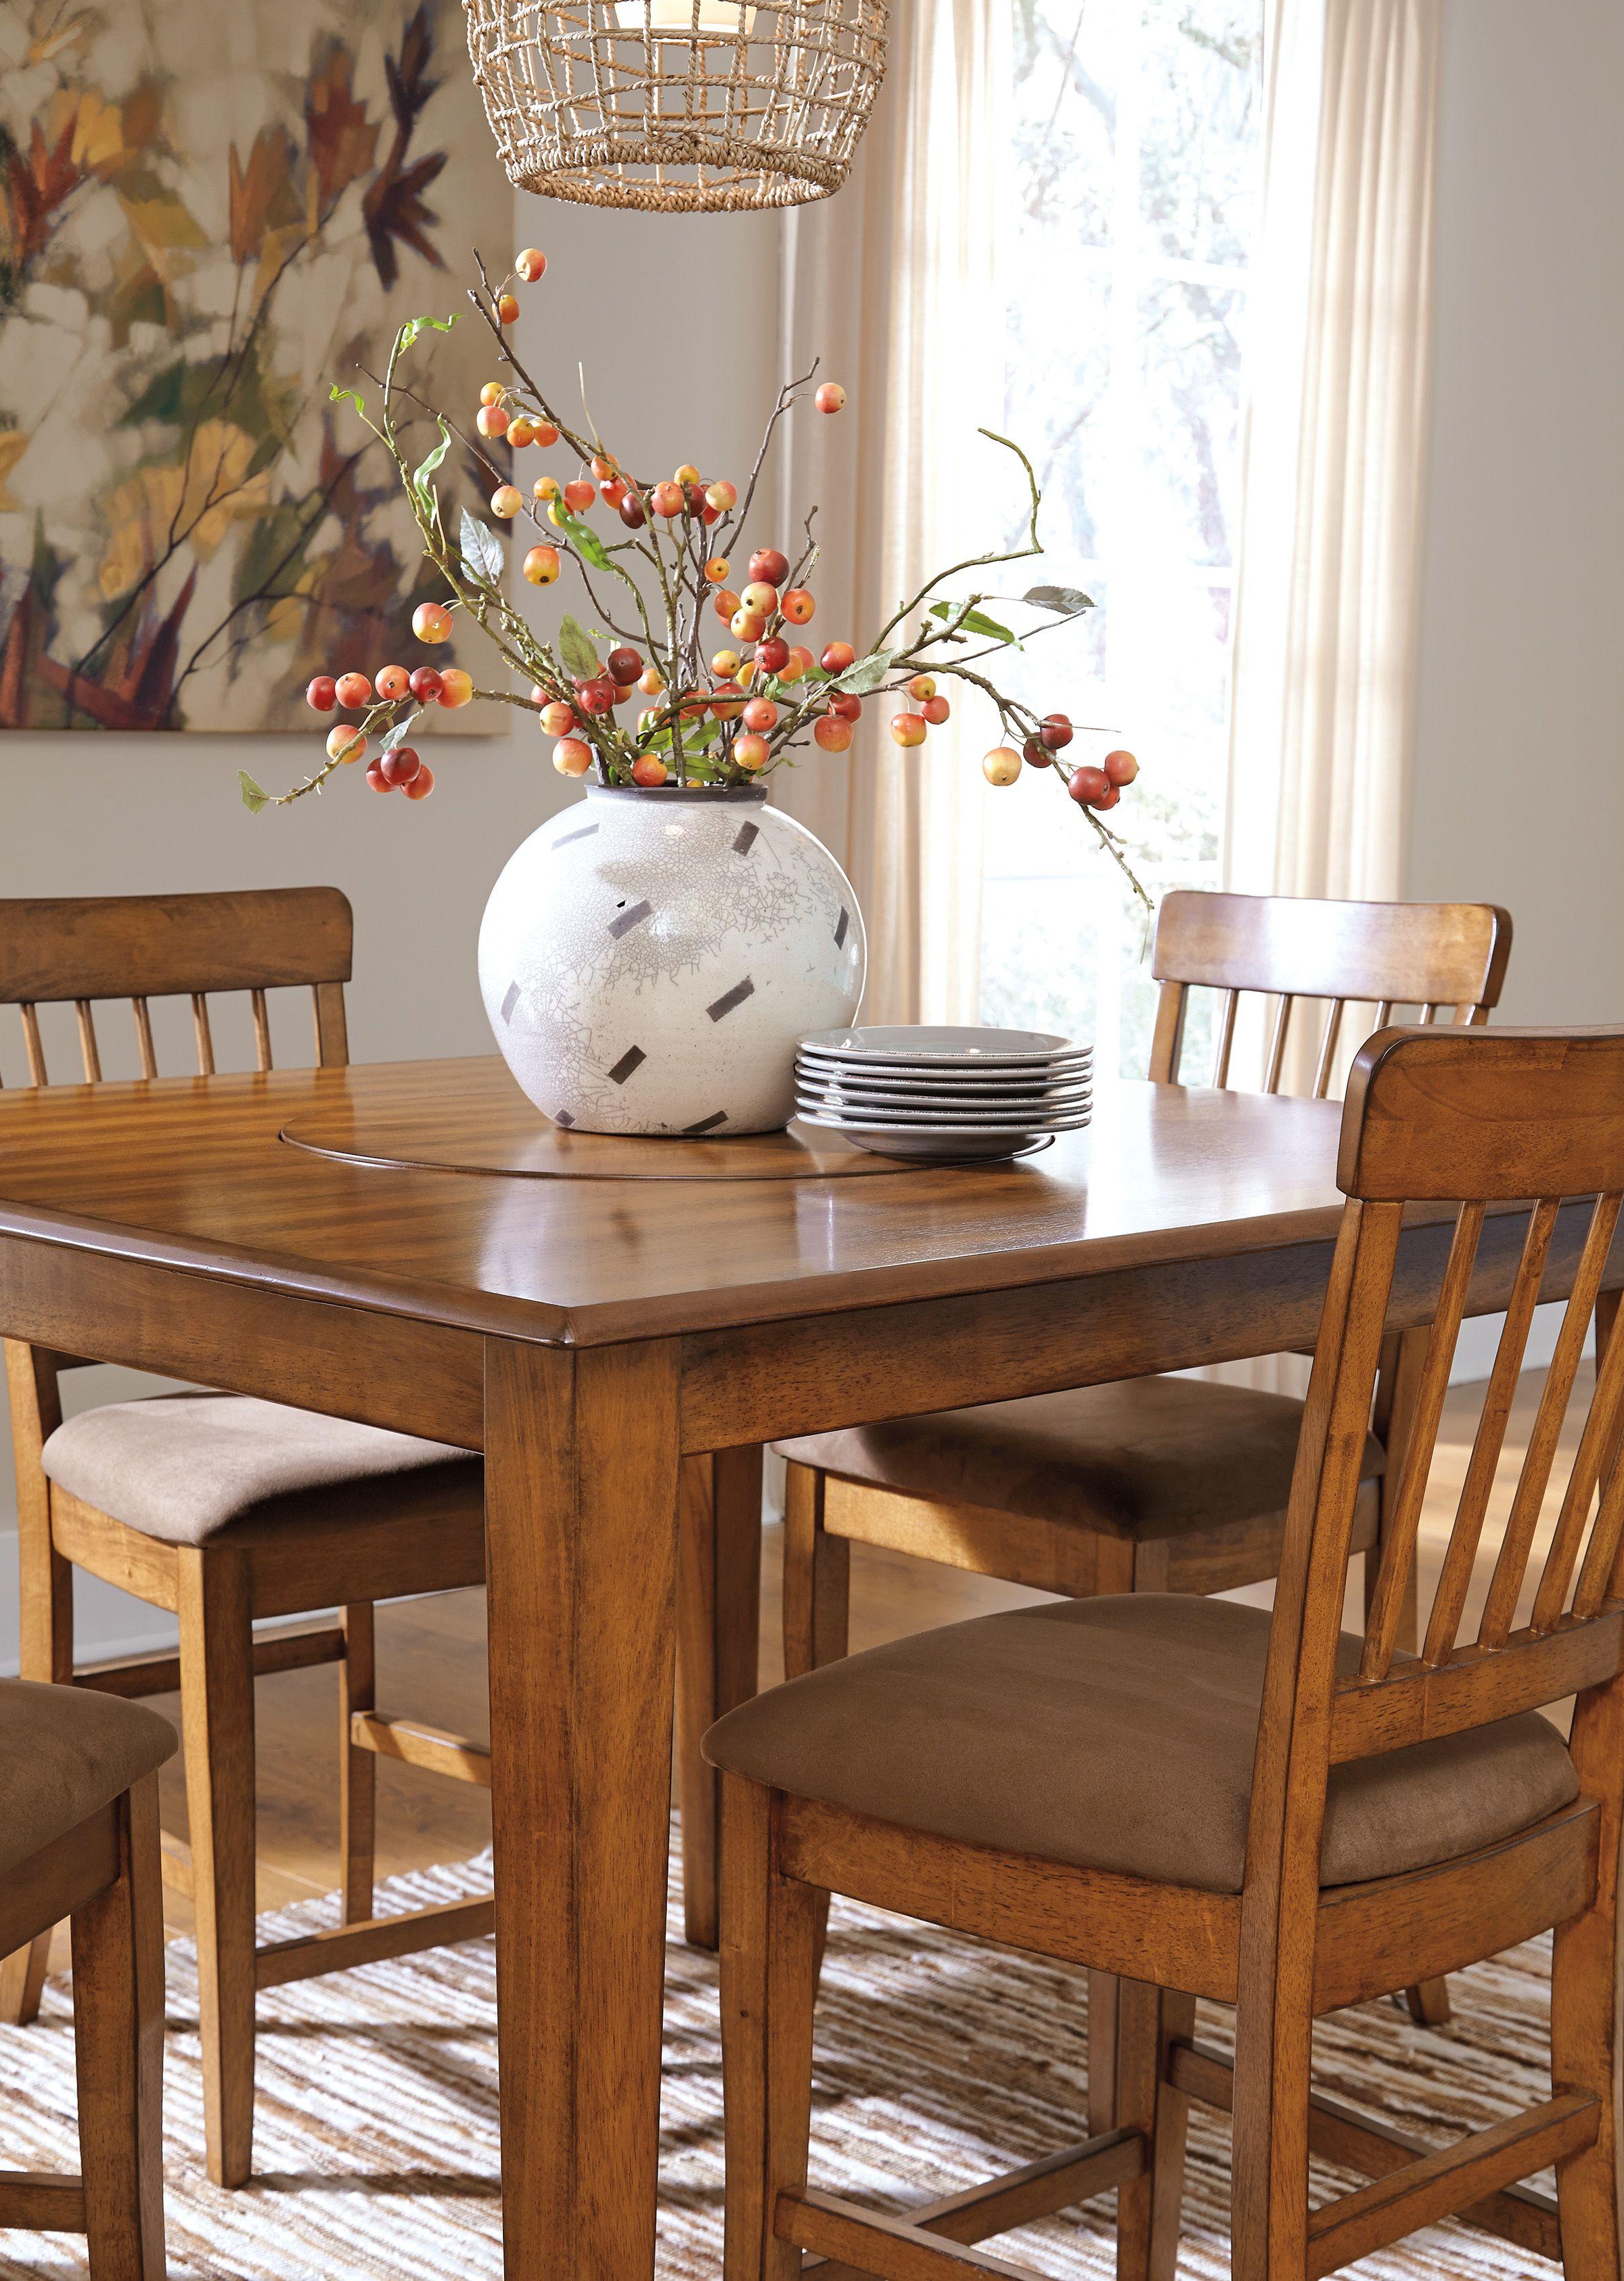 Berringer Dining Room Chair